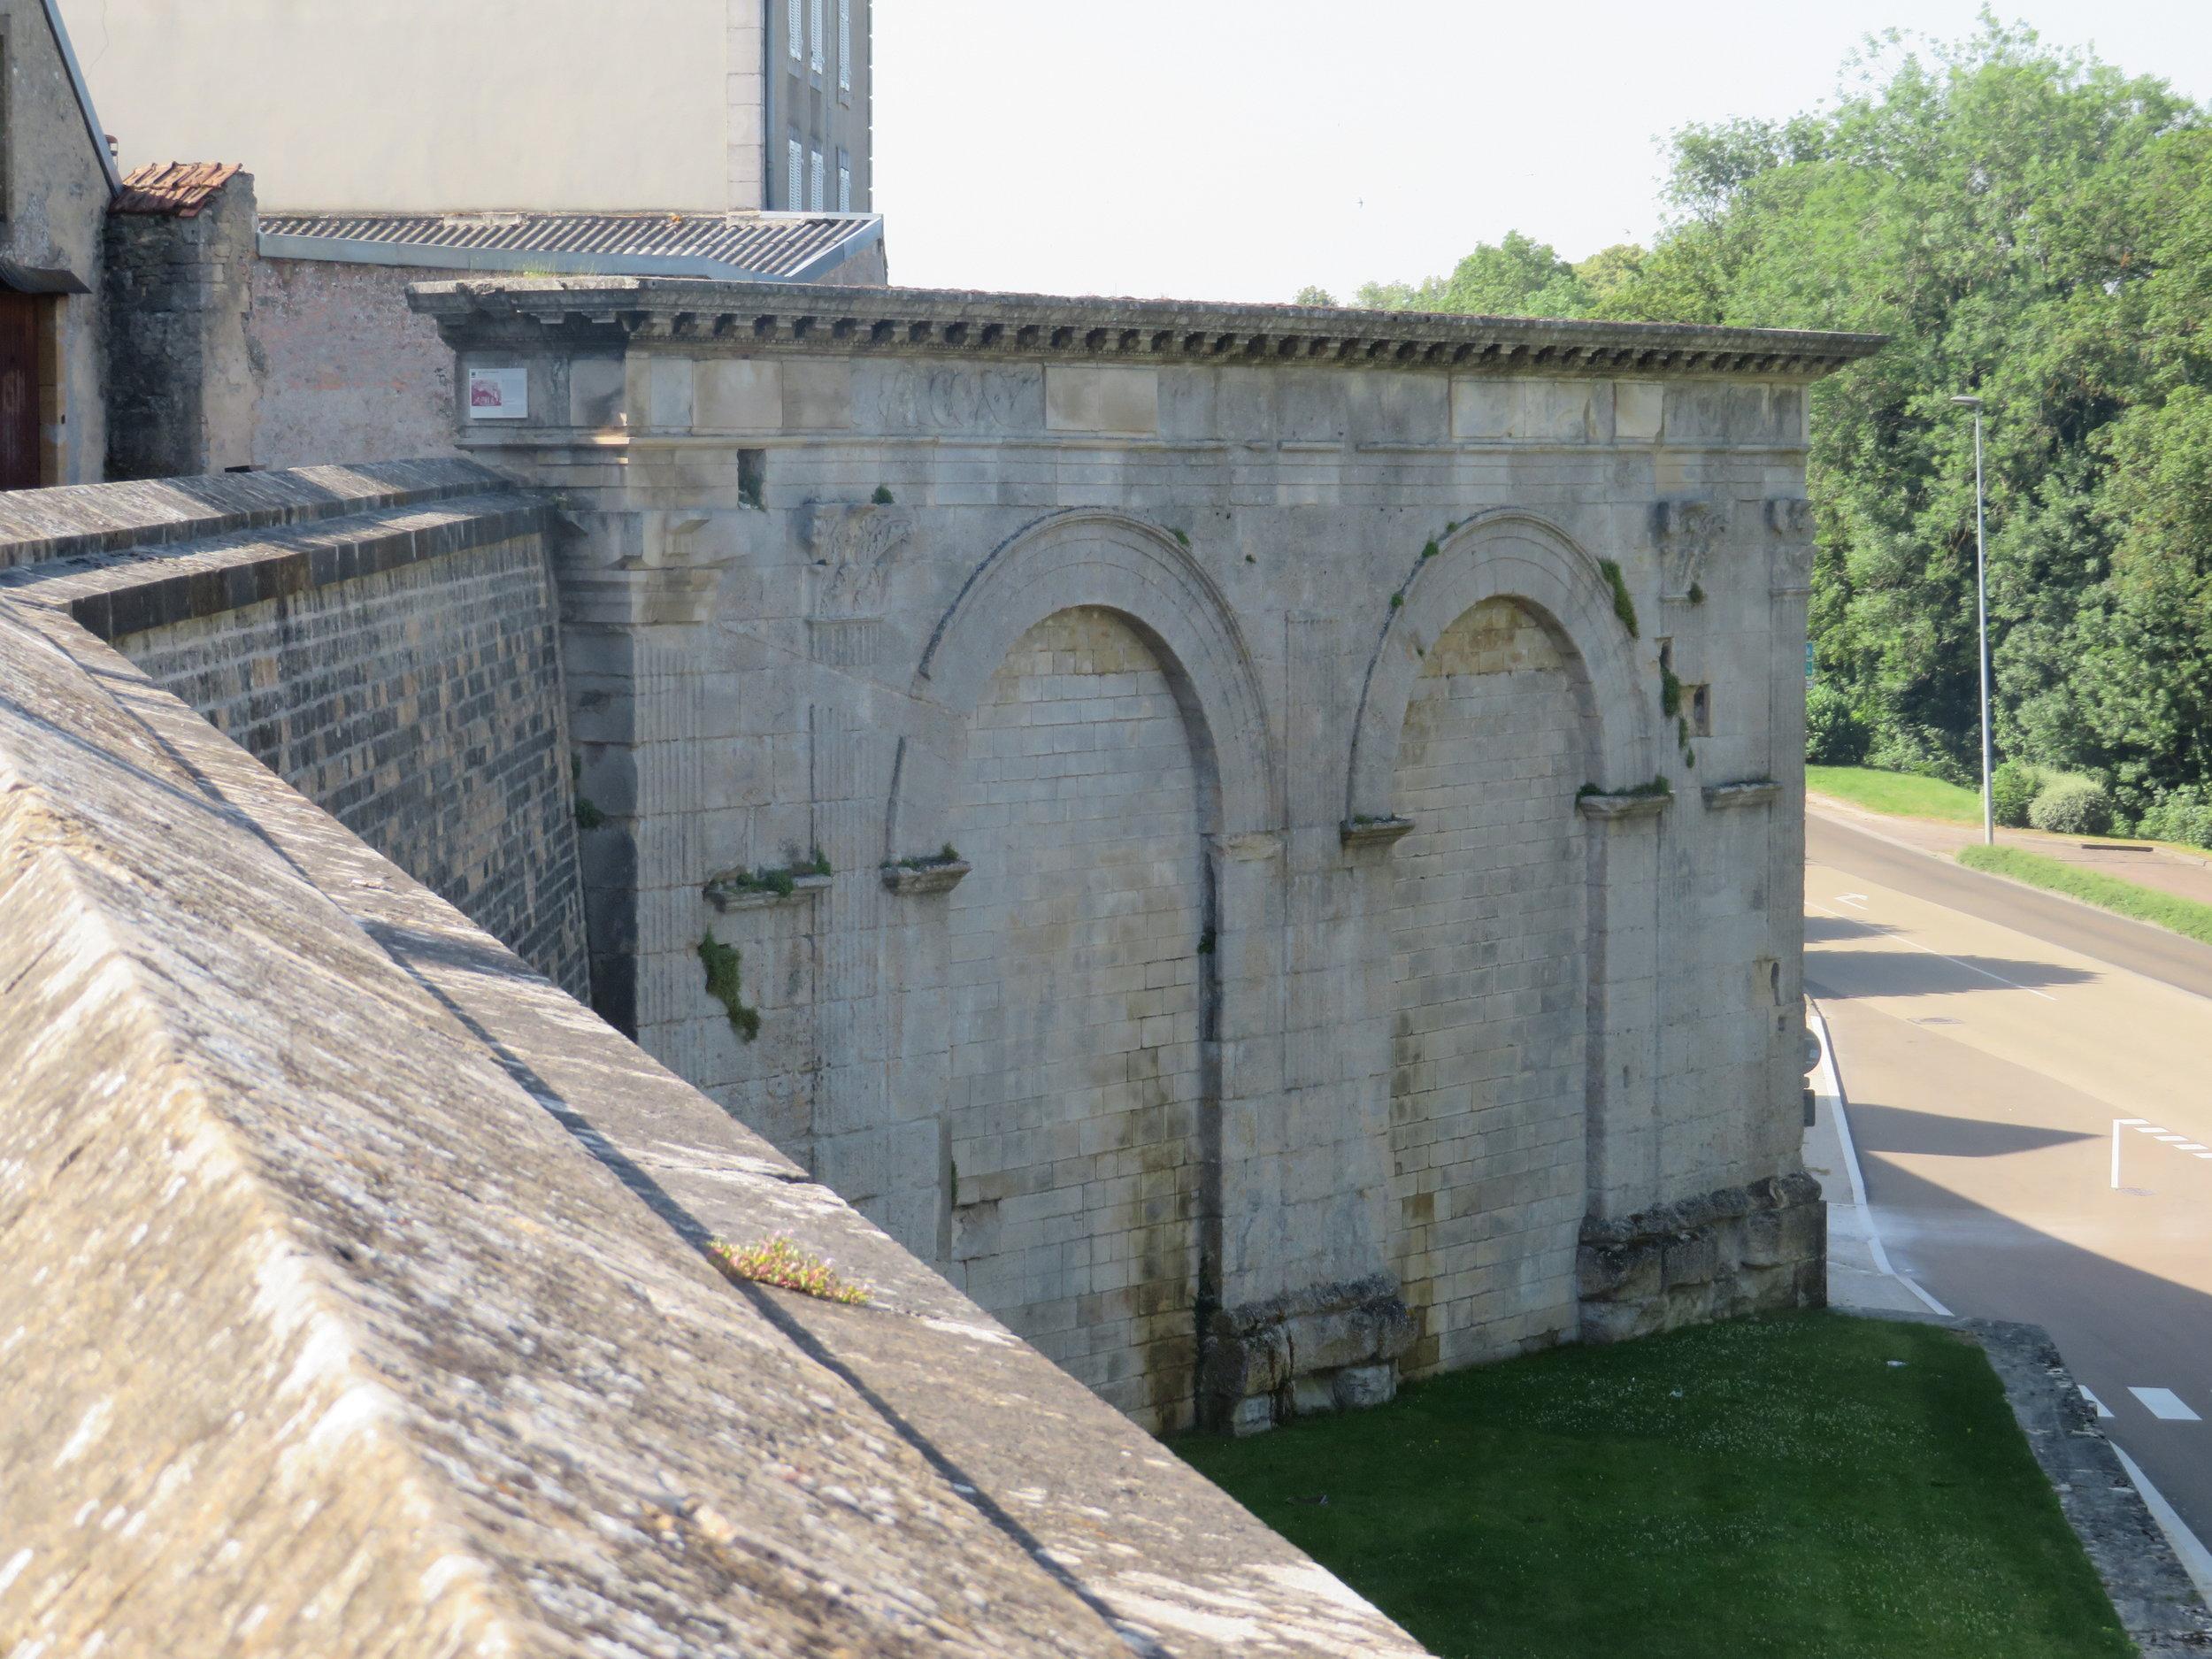 Ancient Roman arches